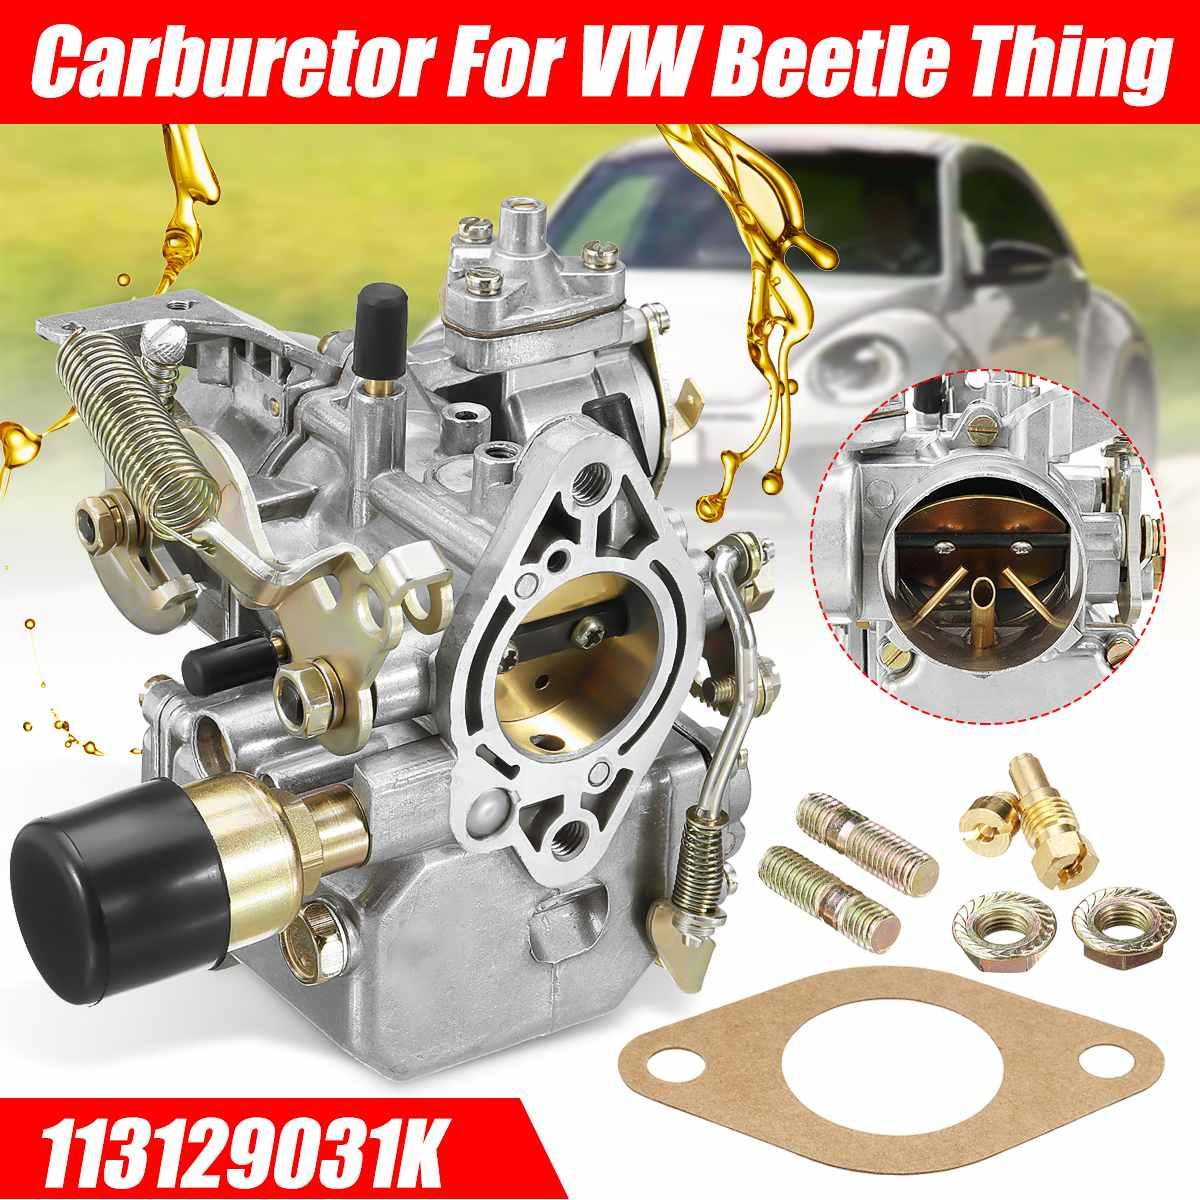 Carburateur de voiture Carb 113129031K 34PICT3 98-1289-B pour VW/Beetle transporteur chose Ghia Squareback